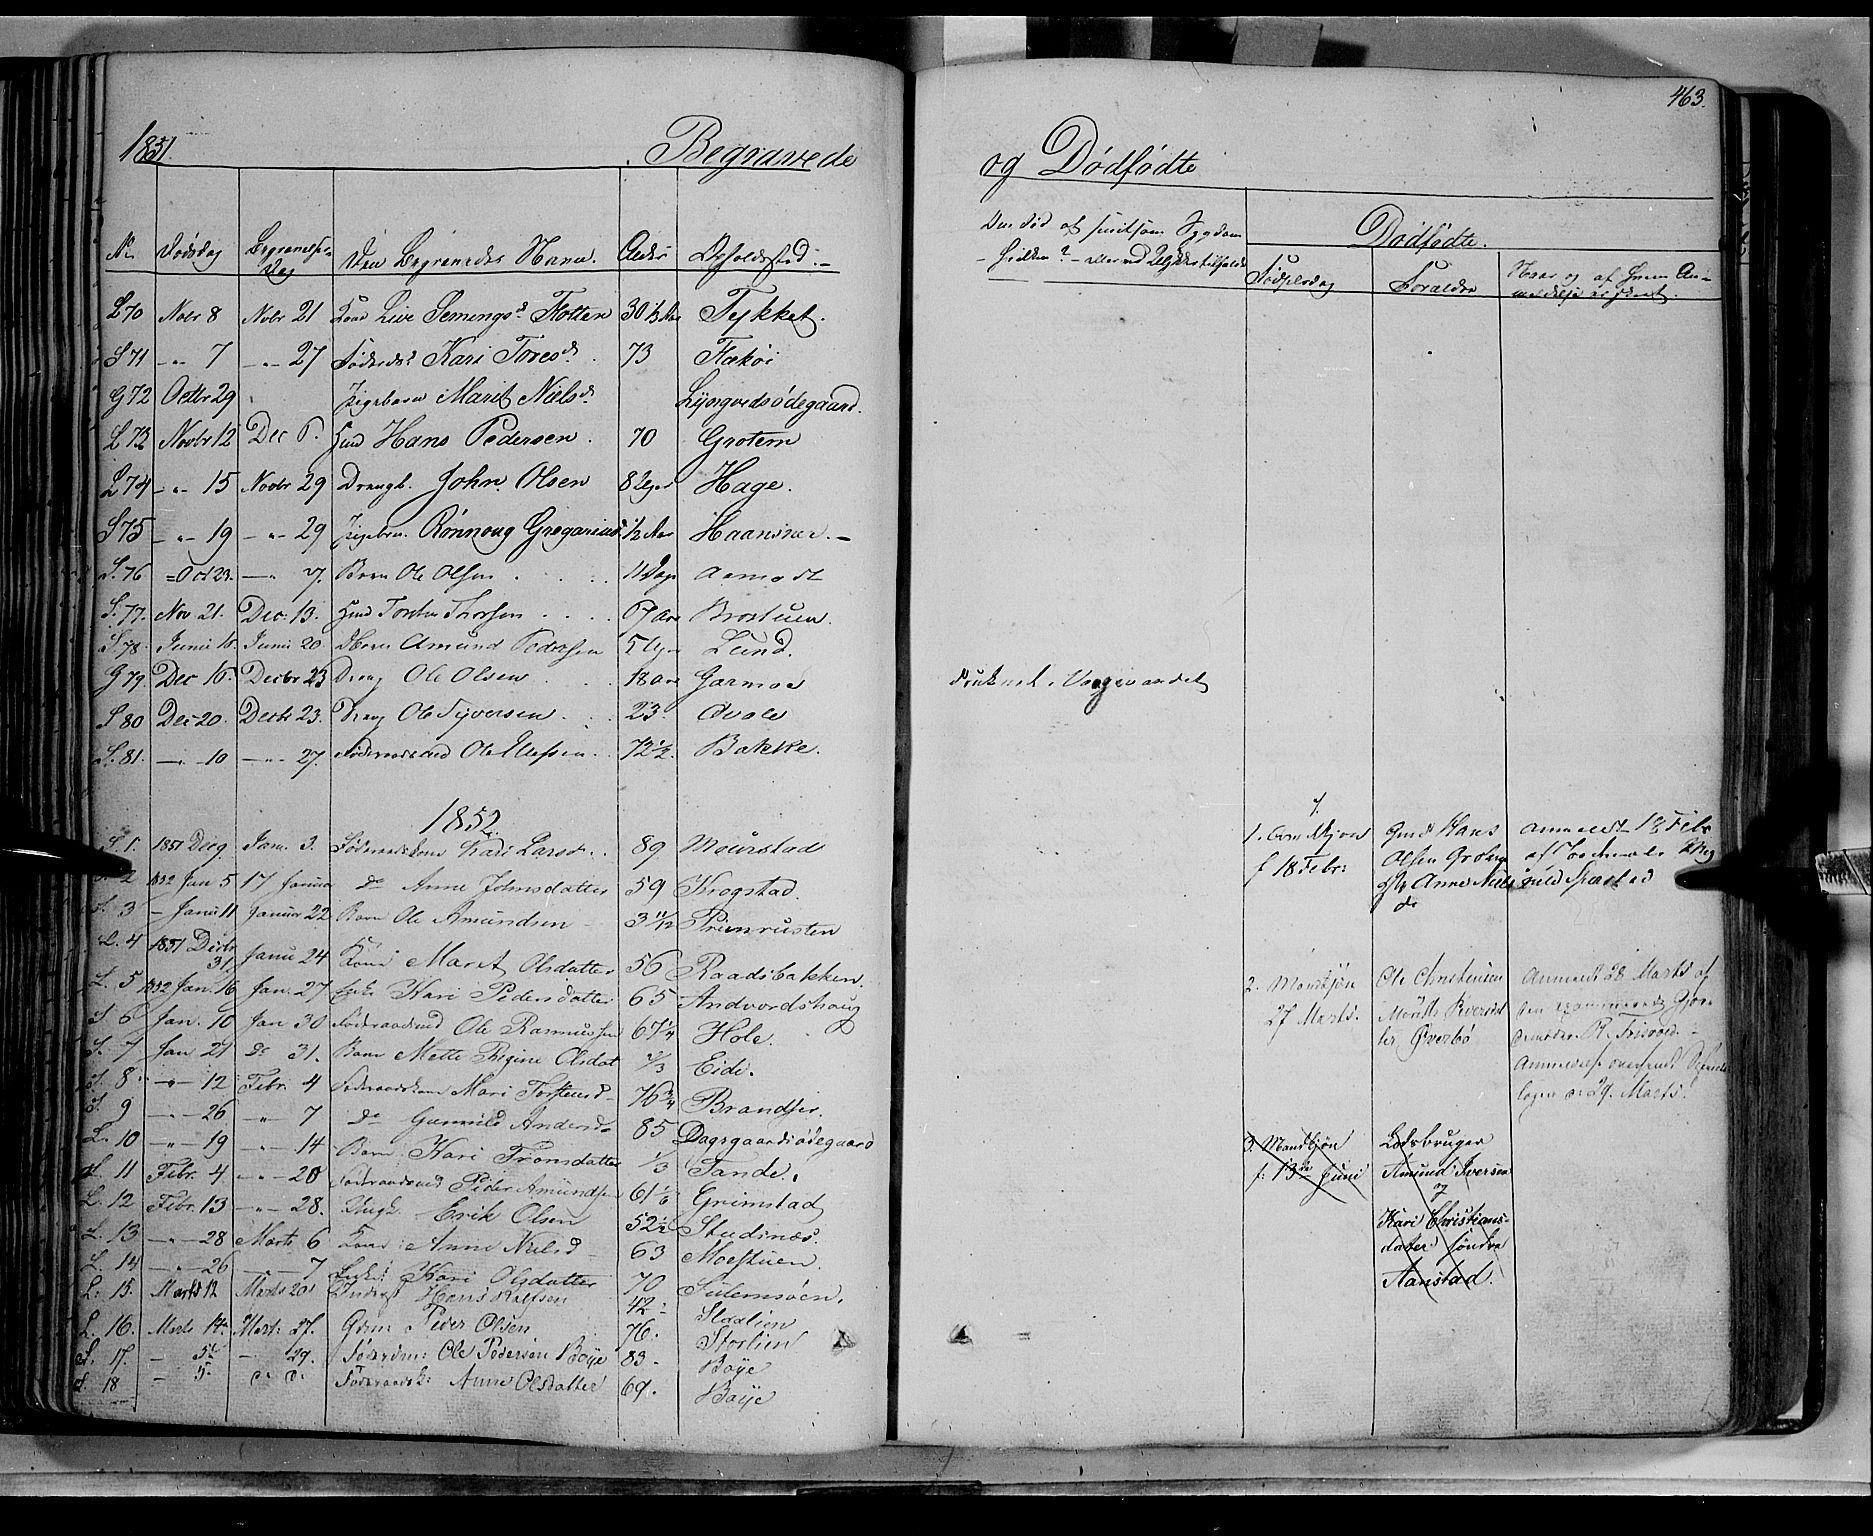 SAH, Lom prestekontor, K/L0006: Ministerialbok nr. 6B, 1837-1863, s. 463